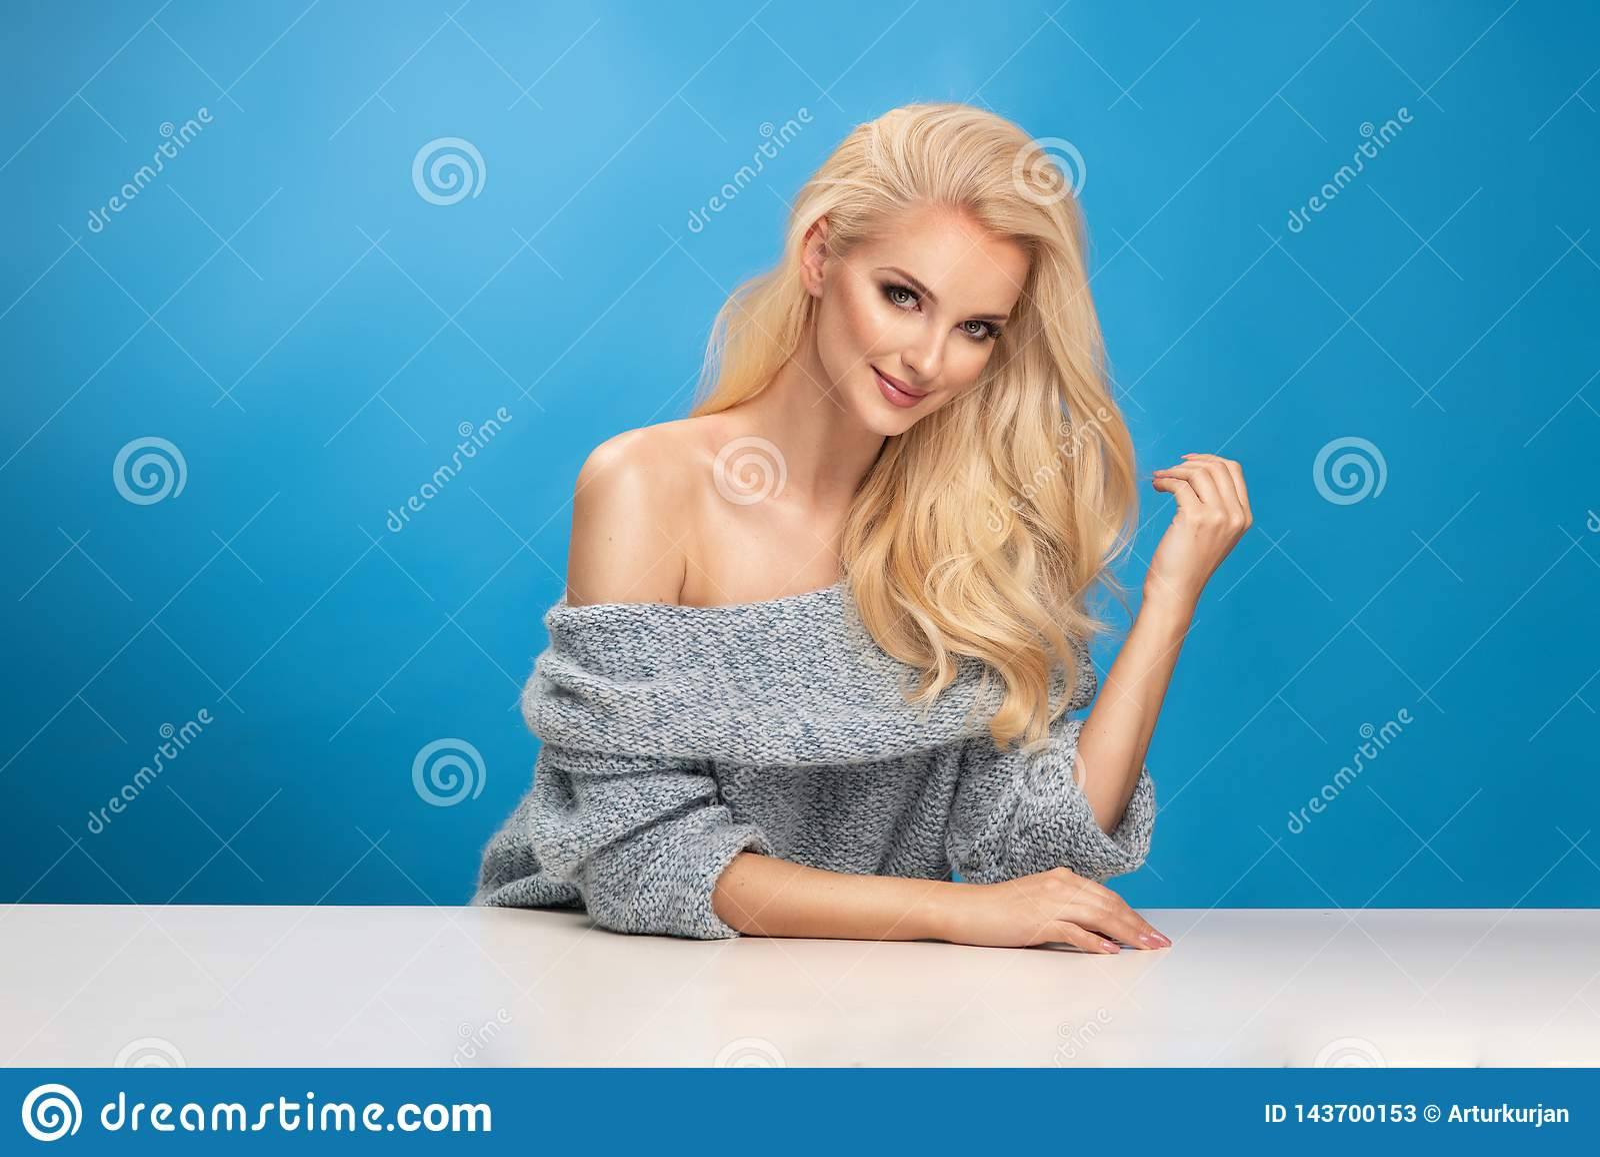 Het portret van de schoonheidsmanier van vrouw op blauwe achtergrond